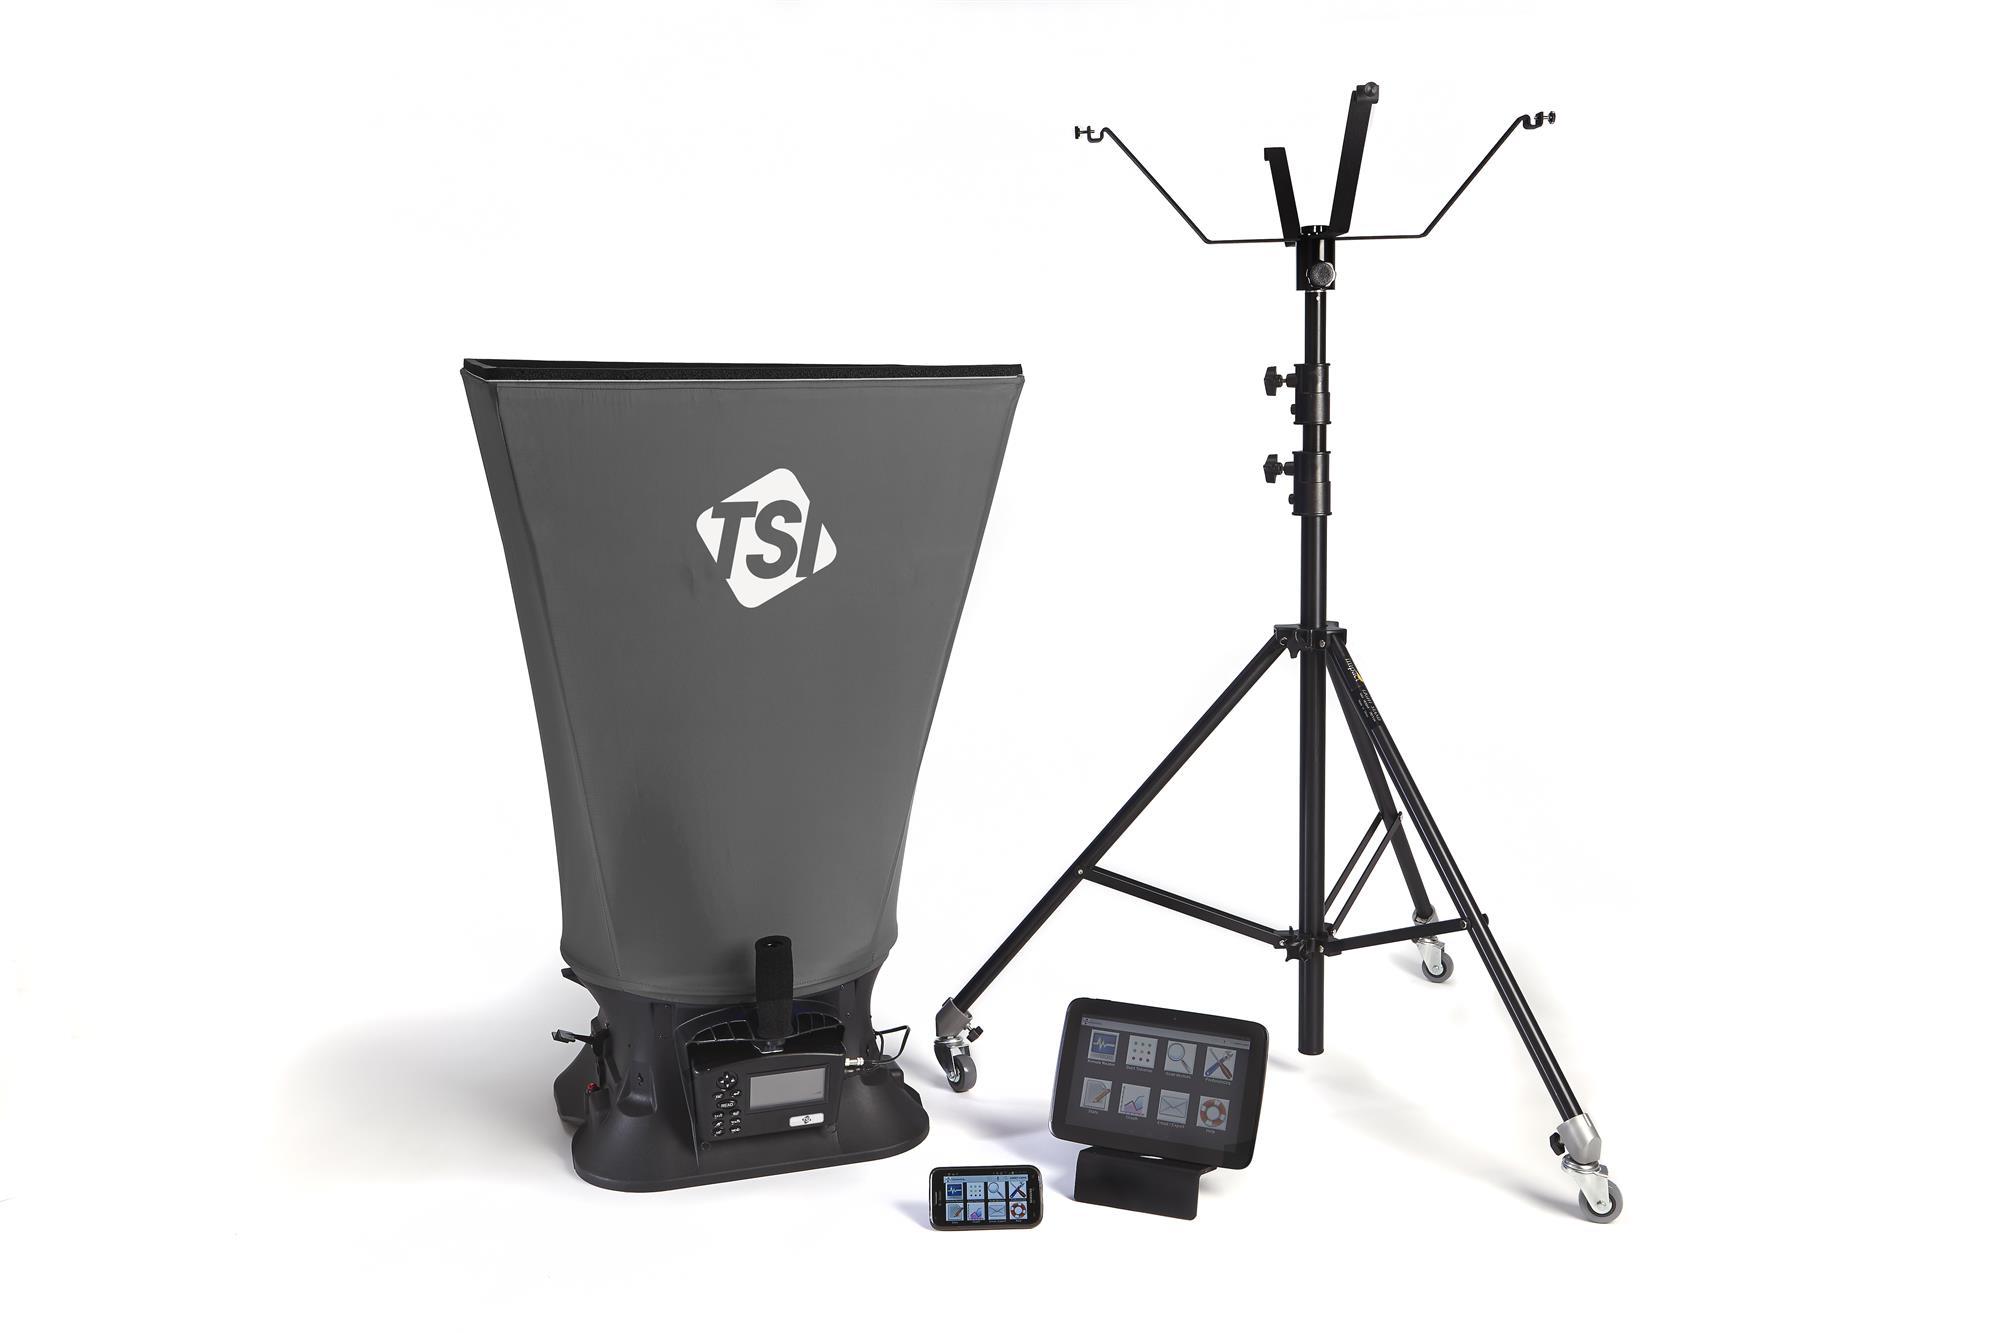 Tsi美国特赛-Accubalance 8380-STA 风量罩